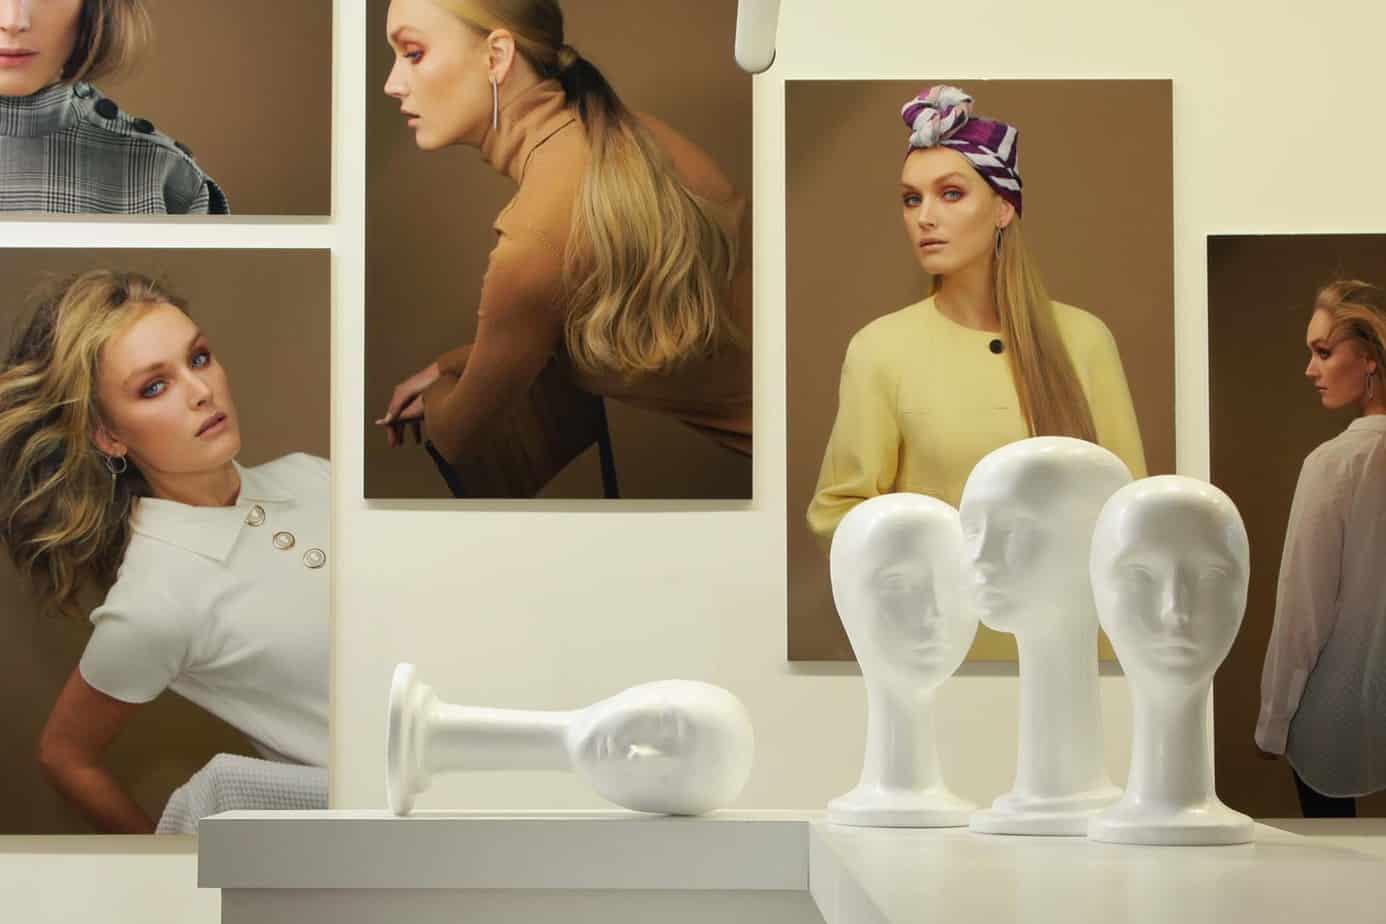 מתחם שיער חדשני - חיה ברנפמן תוספות שיער צילום דבורה קרביץ (15)